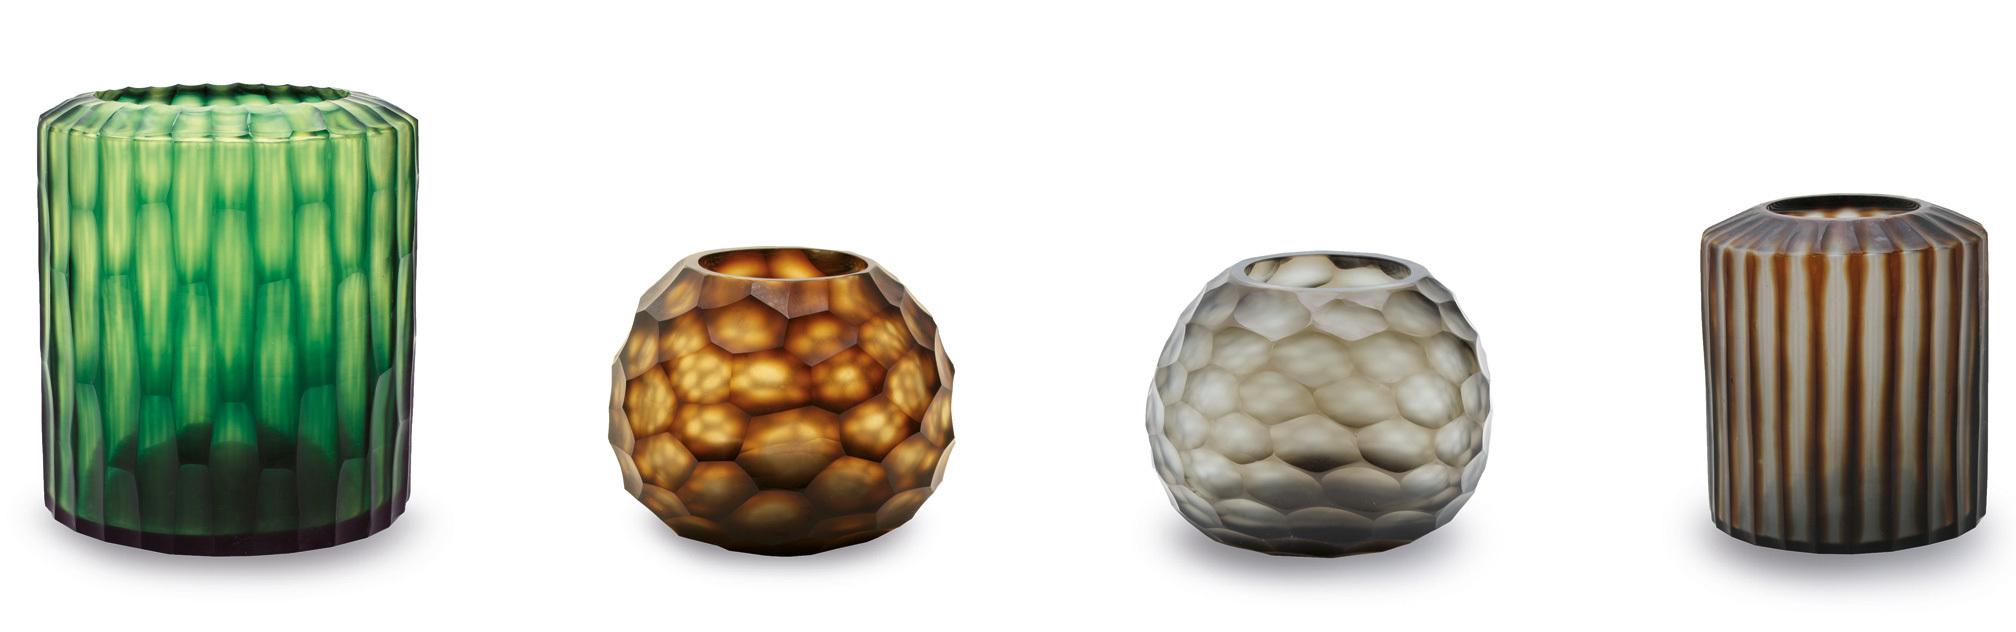 Rebekka Notkins udvalgte vaser fra The Architects Choice,som netop nu kanoplevespå Amagertorv.